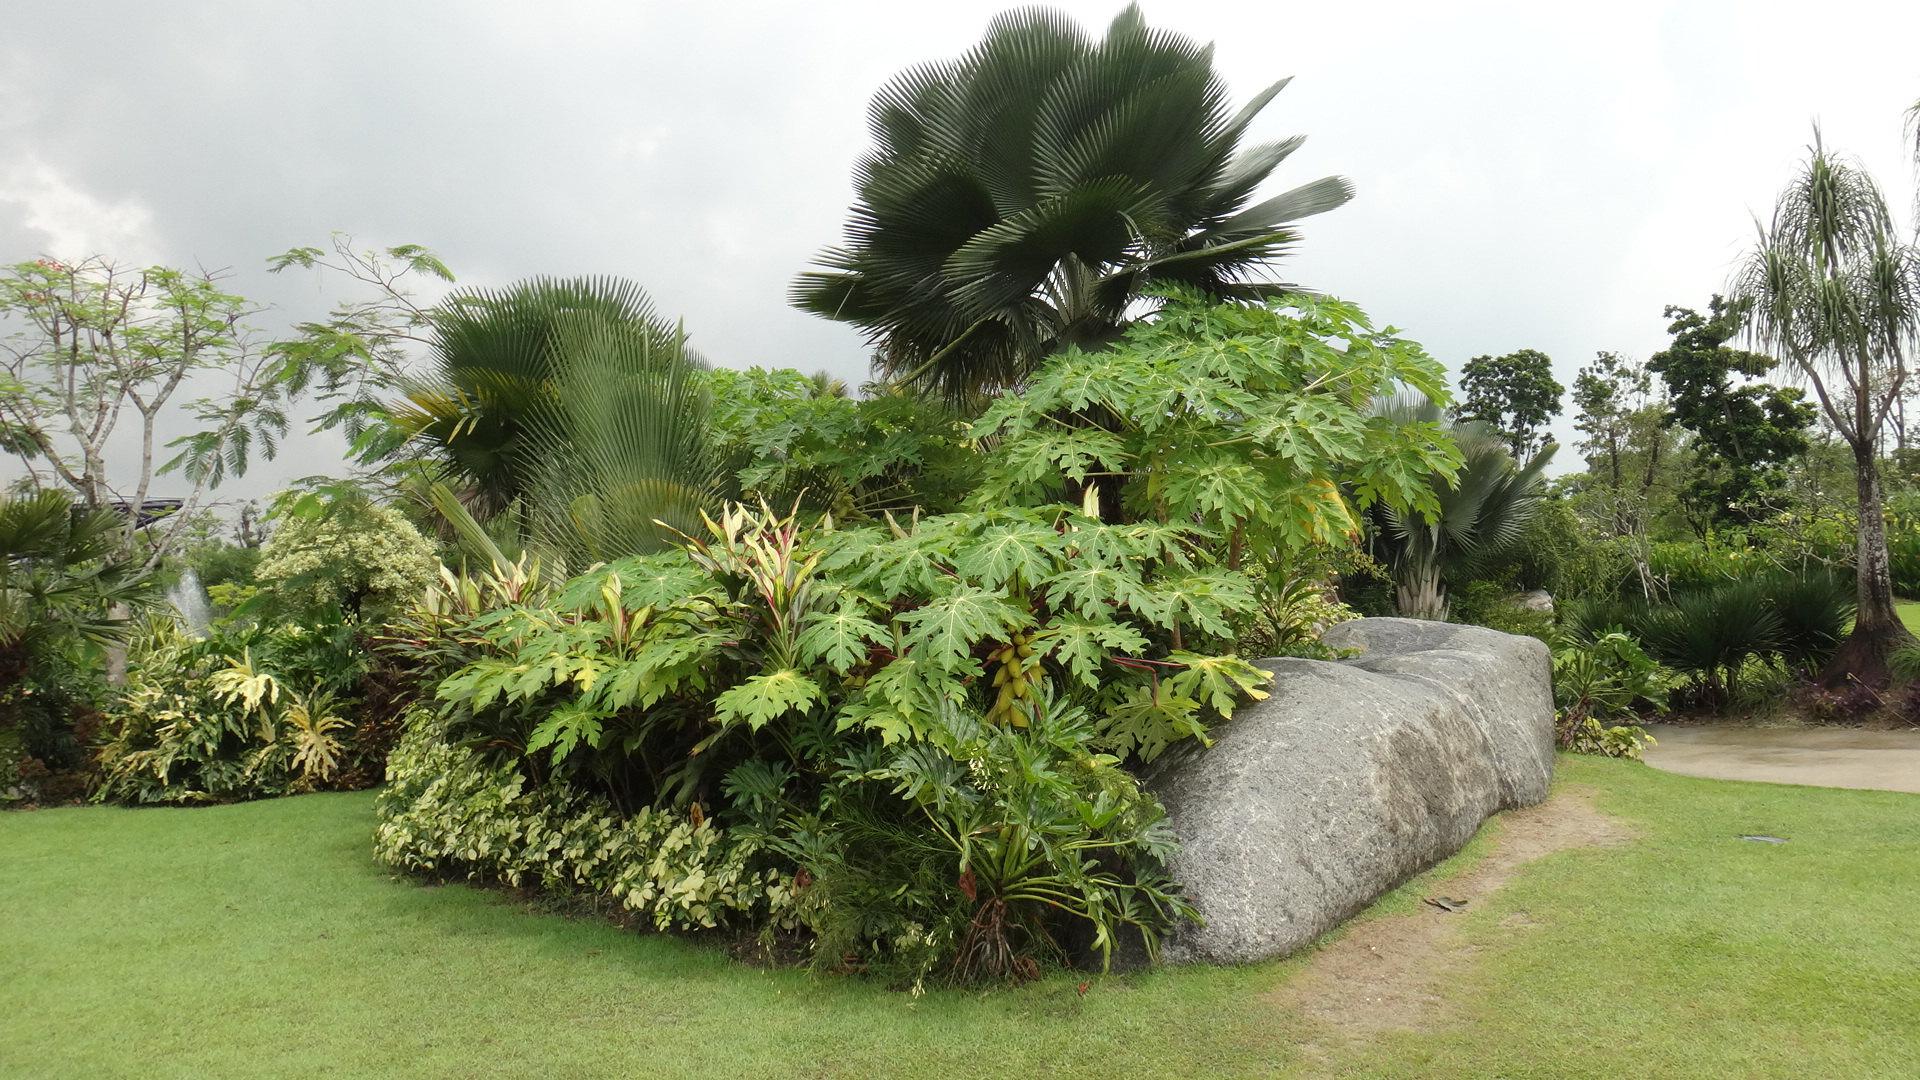 【携程攻略】新加坡新加坡滨海湾花园适合家庭亲子吗